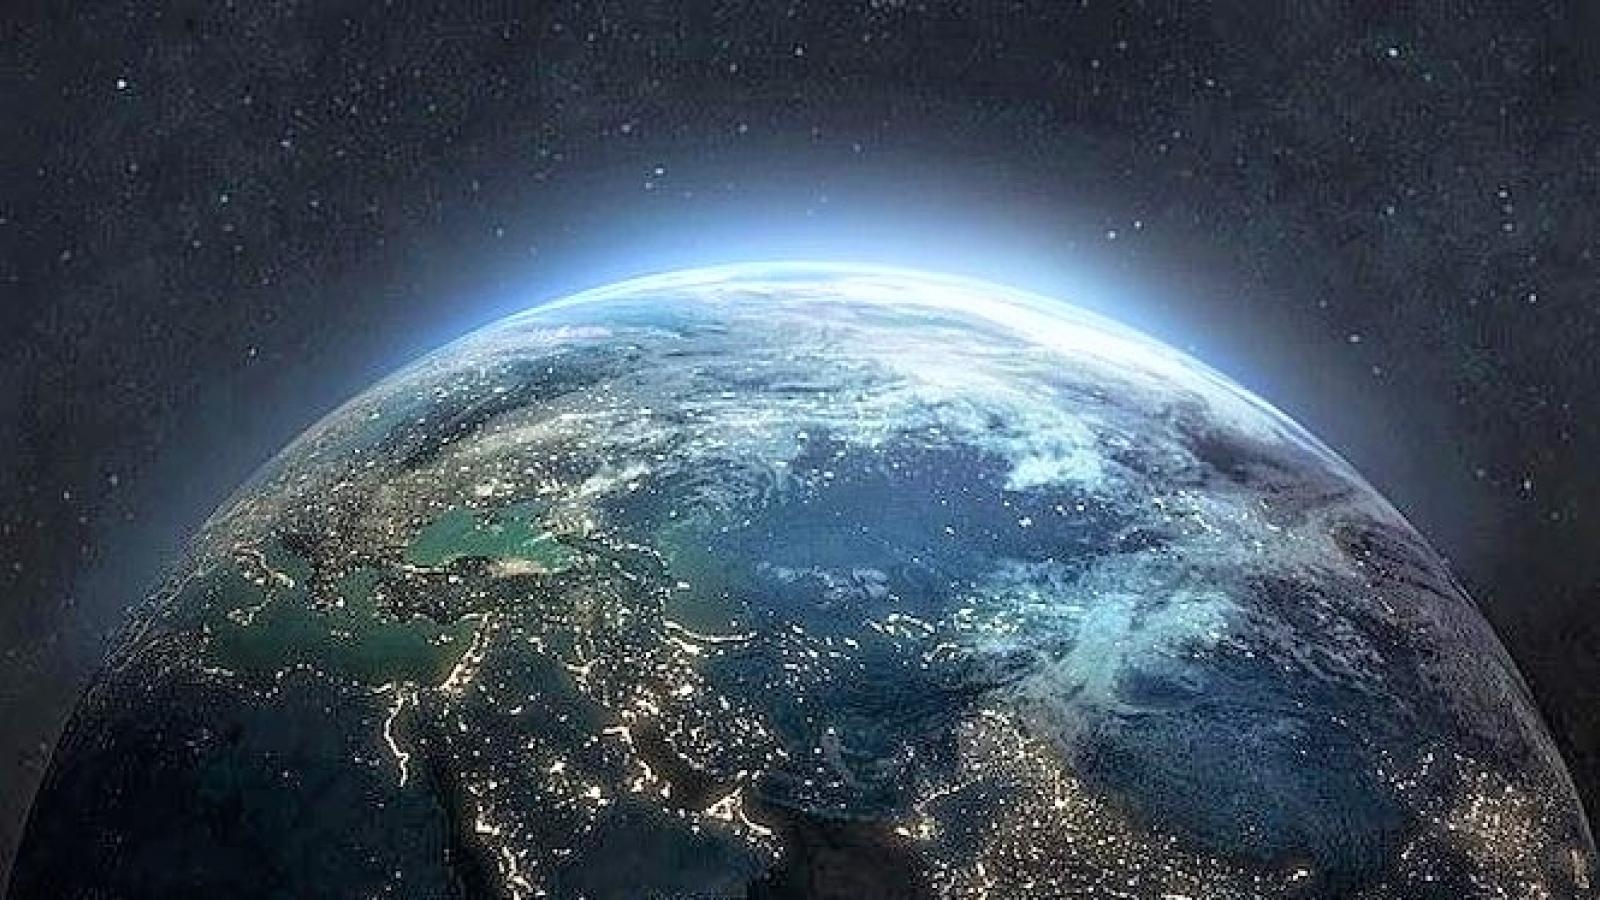 Ngày xuân nói chuyên lịch âm, lịch dương và sự chuyển động của Trái Đất